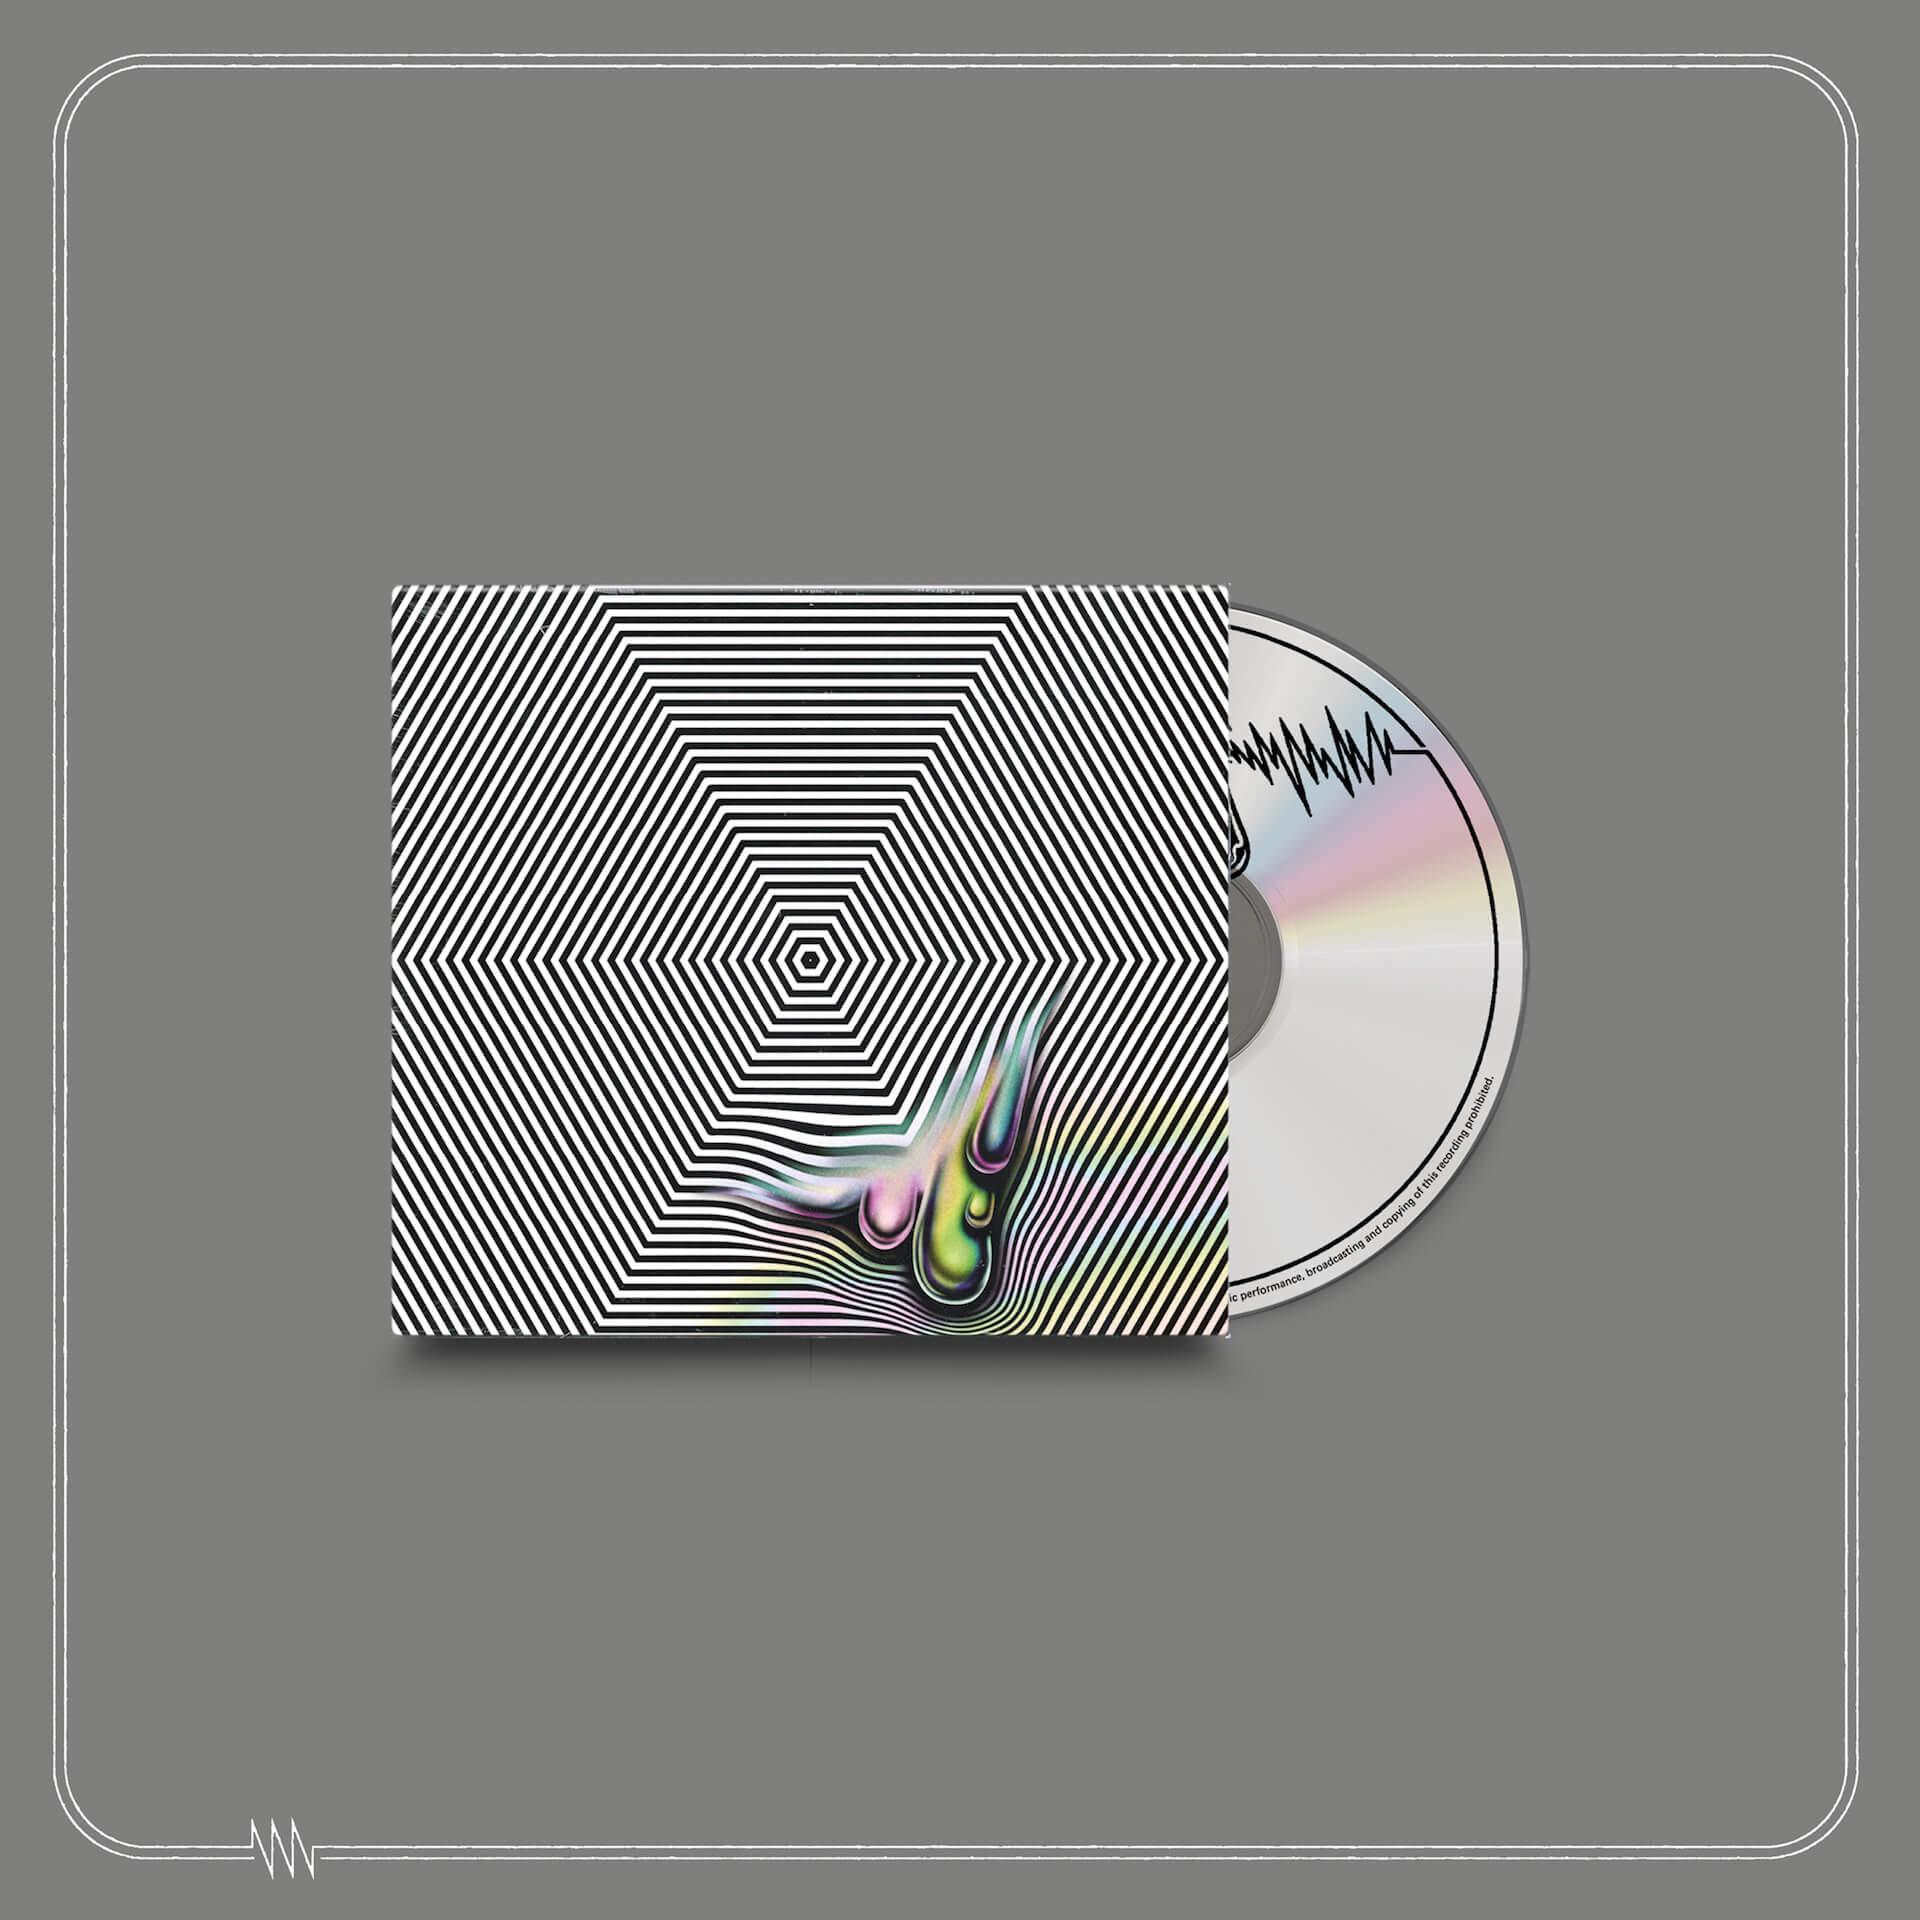 Oneohtrix Point Neverの新アルバム『Magic Oneohtrix Point Never』がリリース決定!シングル3曲をまとめたパッケージが公開 music200924_opn_5